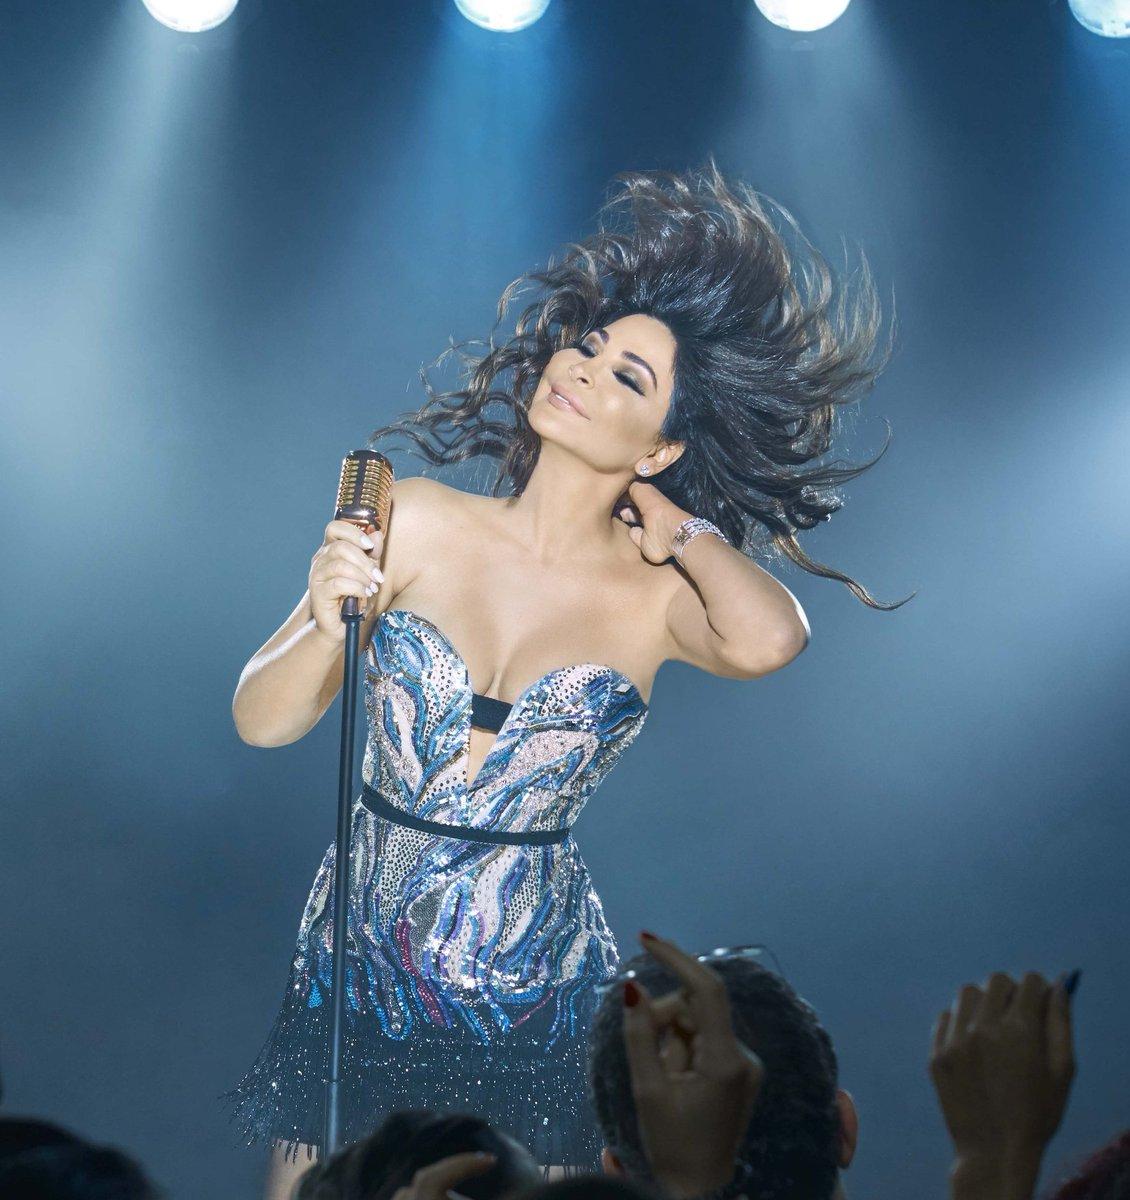 إليسا سعيدة بردود أفعال الجمهور حول ألبومها